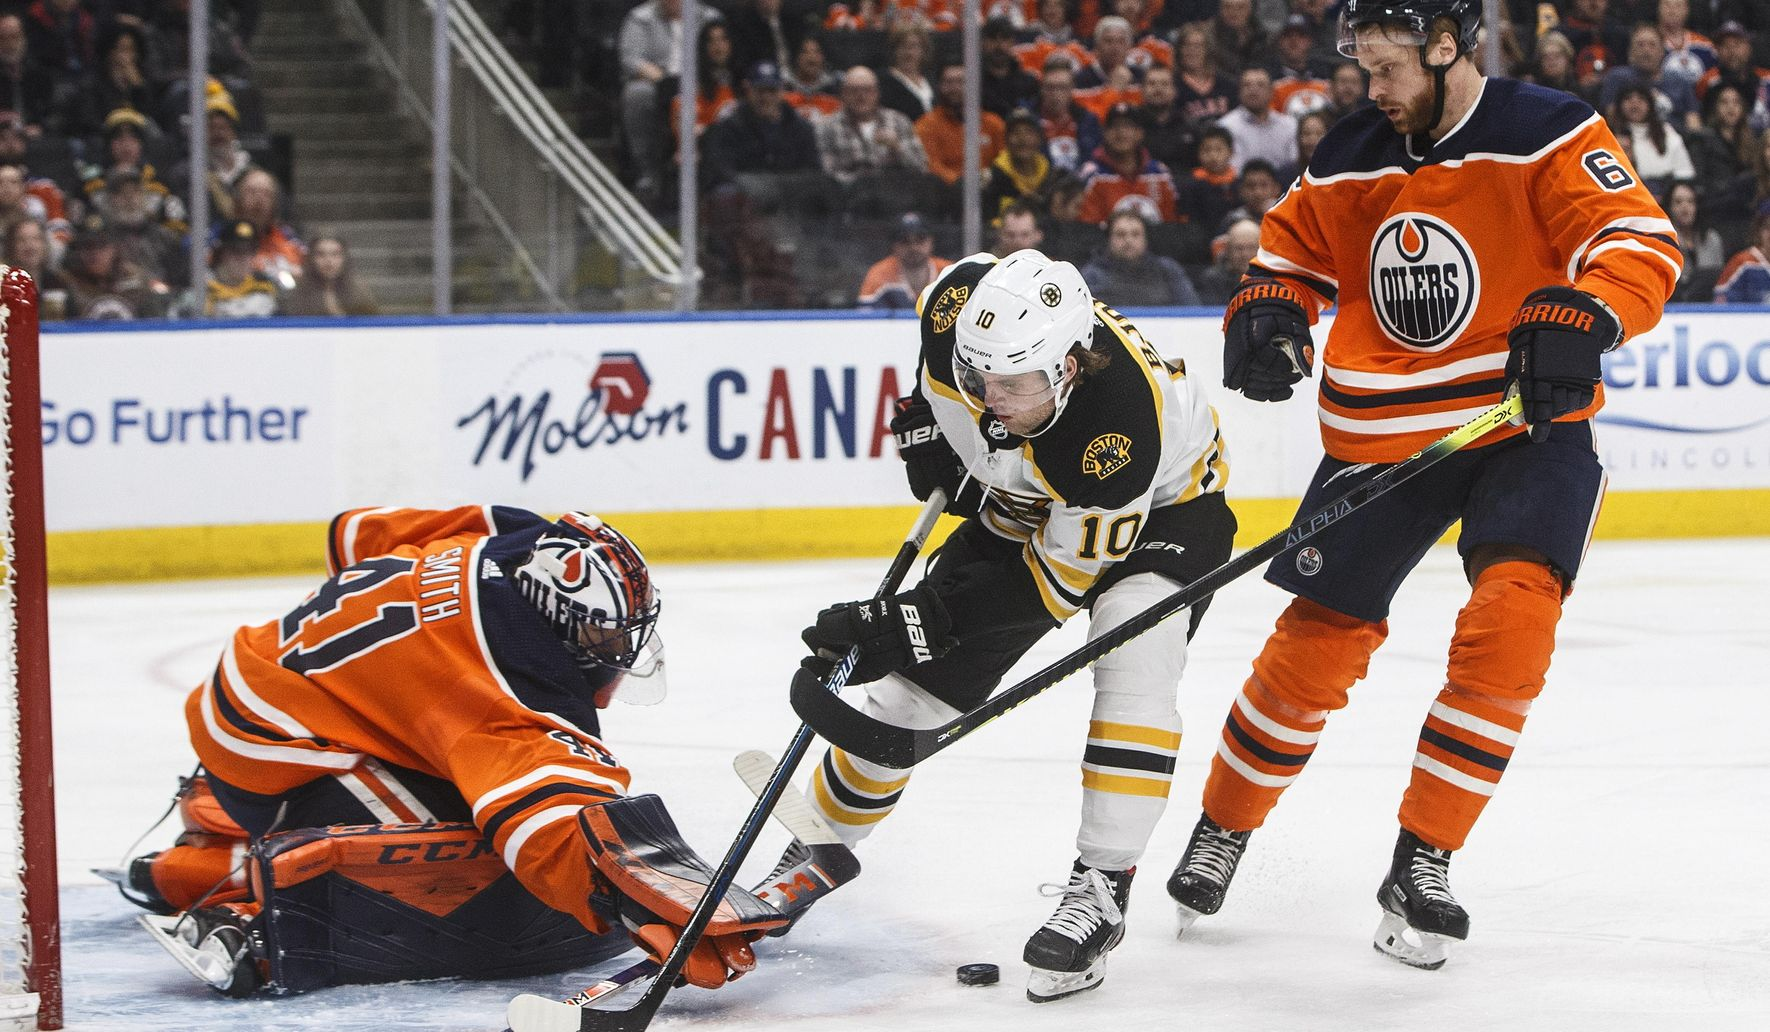 Bruins_oilers_hockey_32554_c0-175-4127-2581_s1770x1032